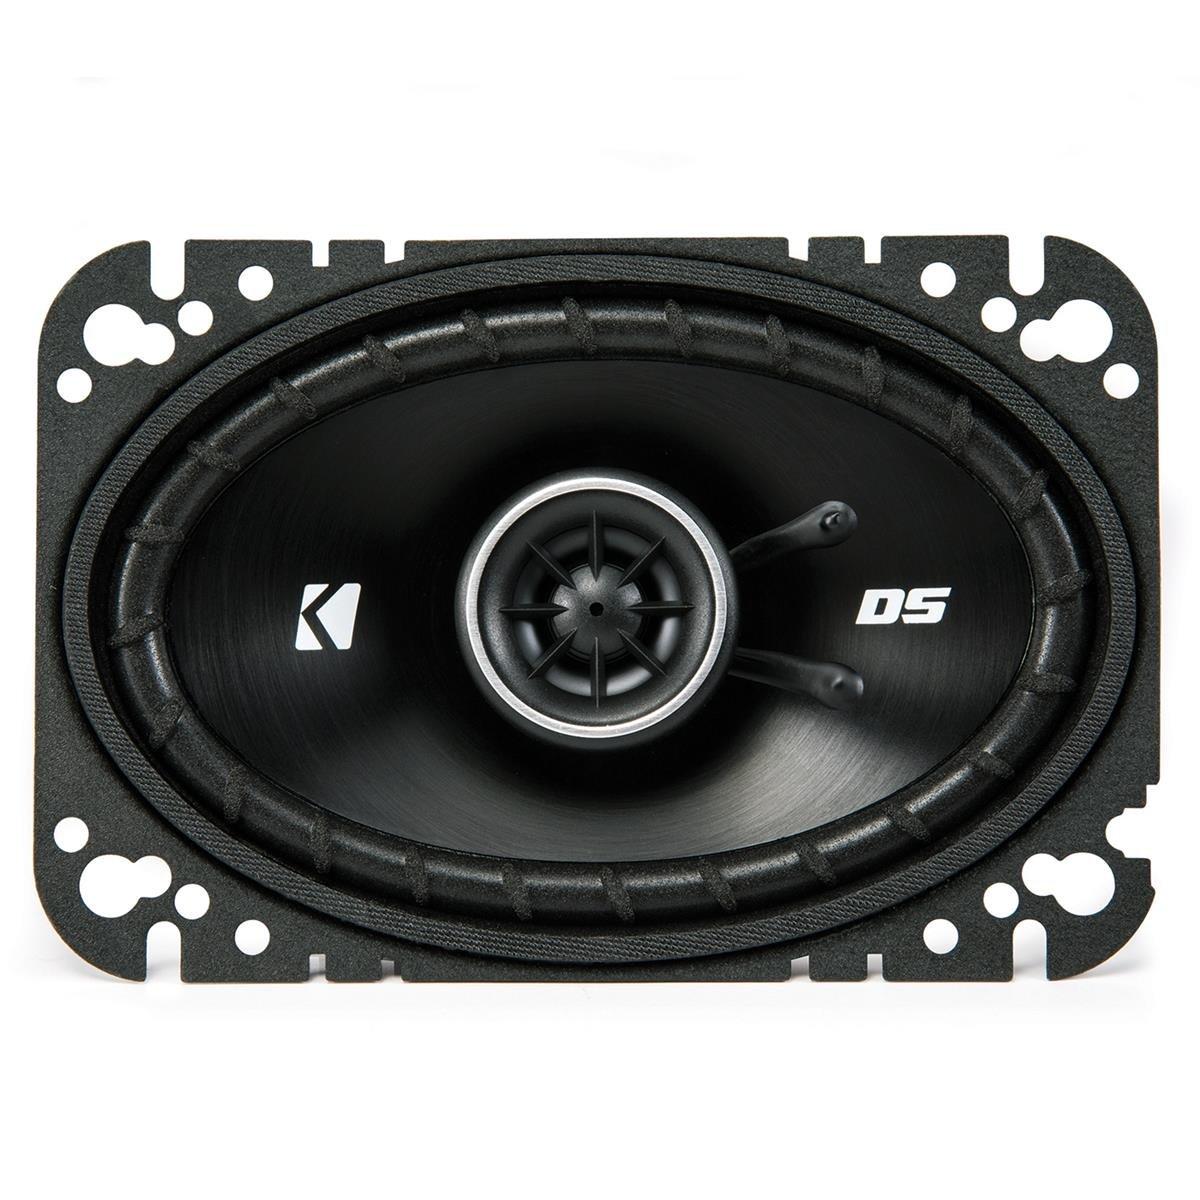 Kicker 43DSC4604 4x6 2-way Speaker Pair by Kicker (Image #3)